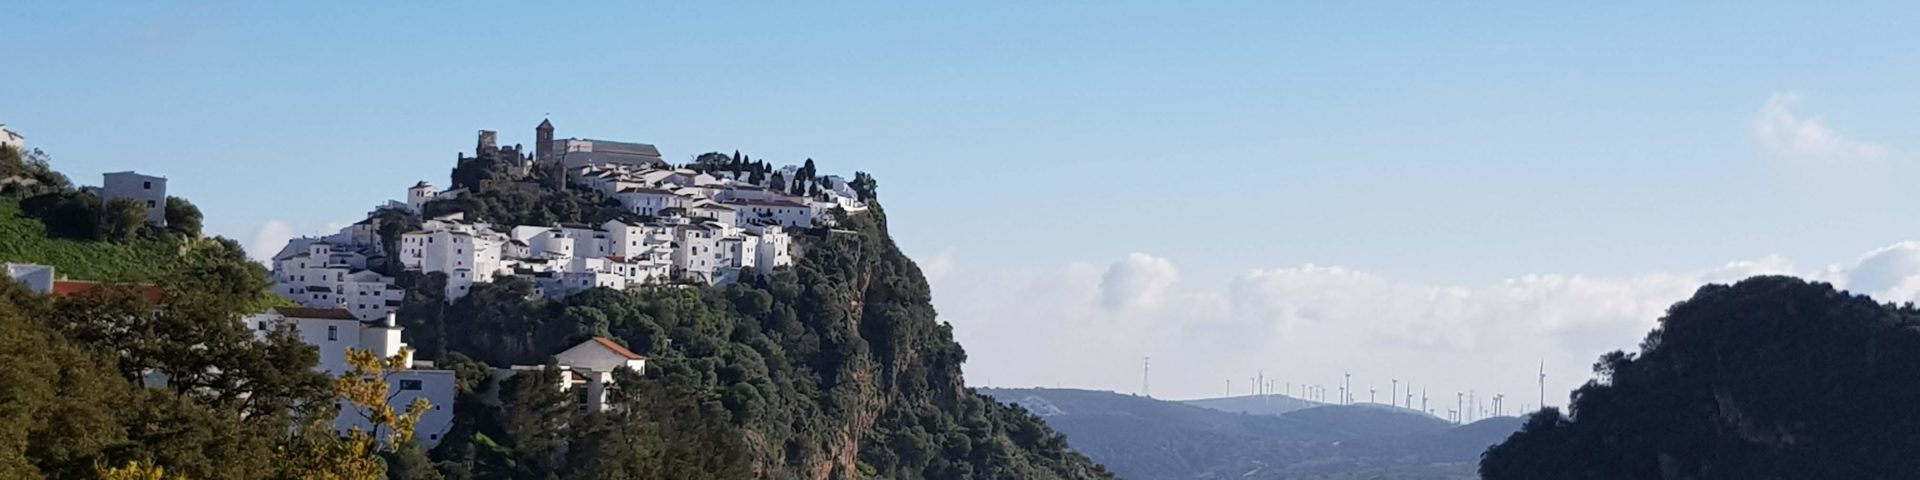 View from Venta El Mirador Casares